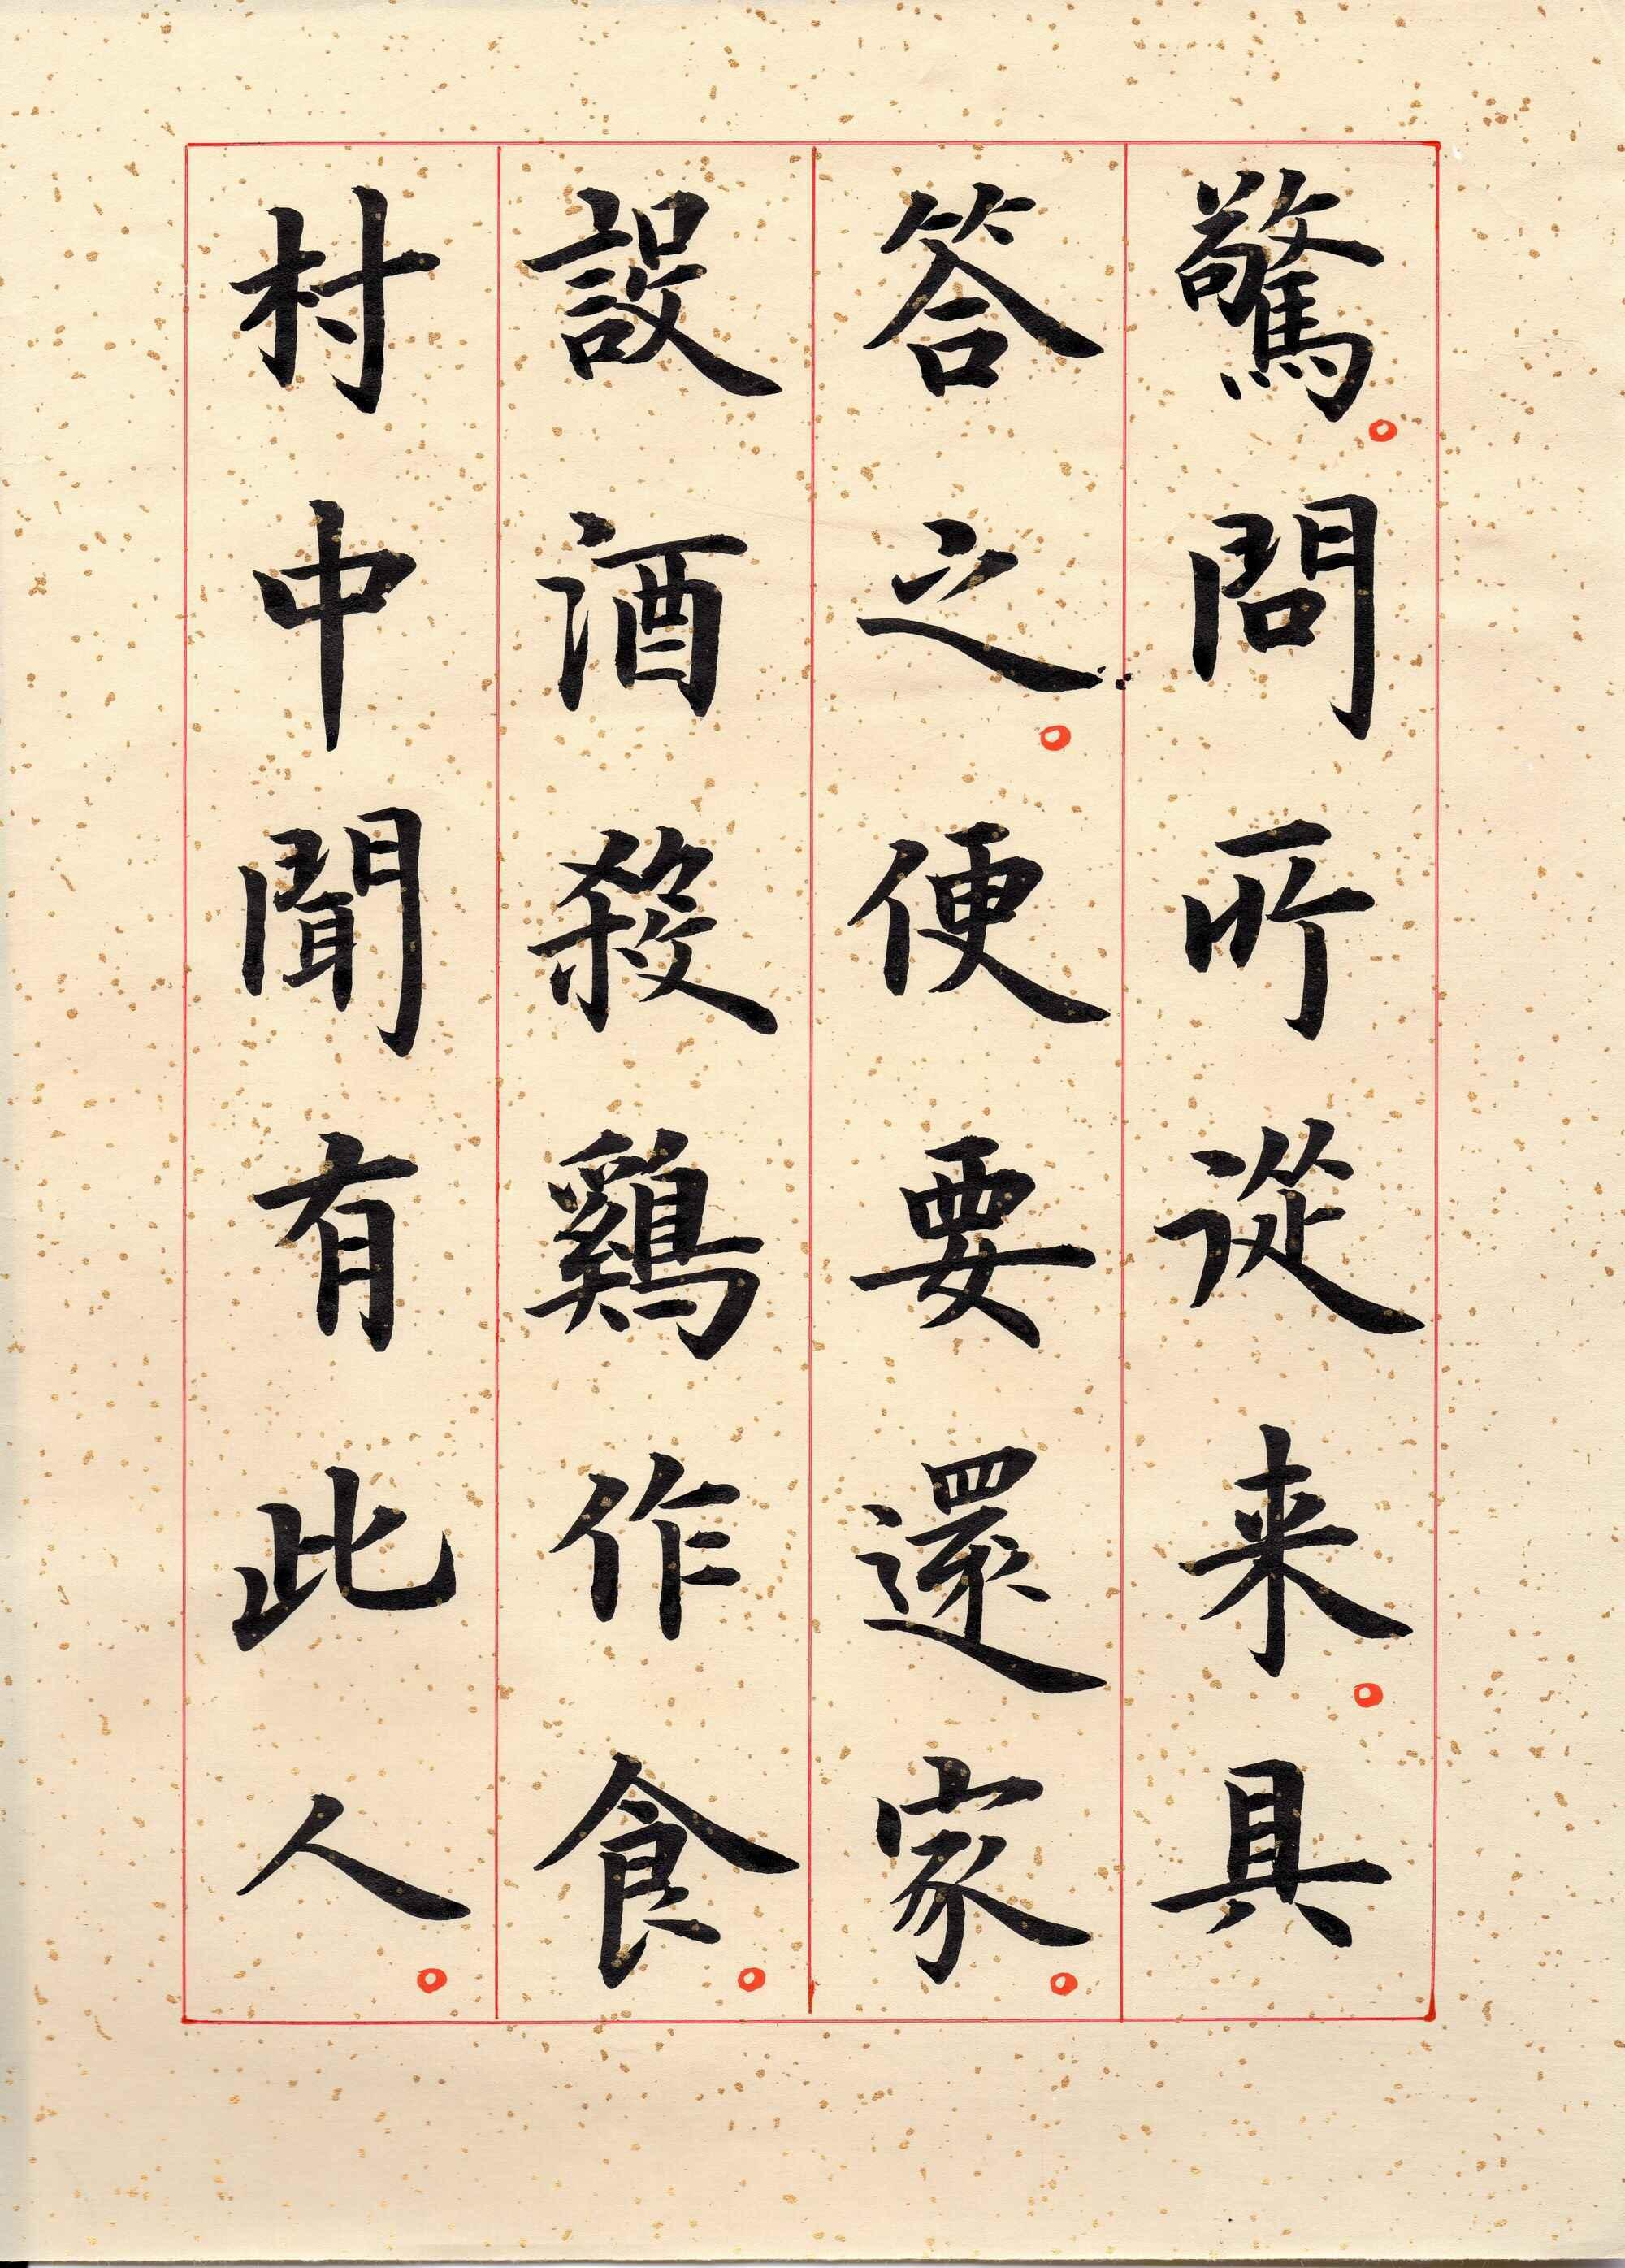 田字的笔顺怎么写